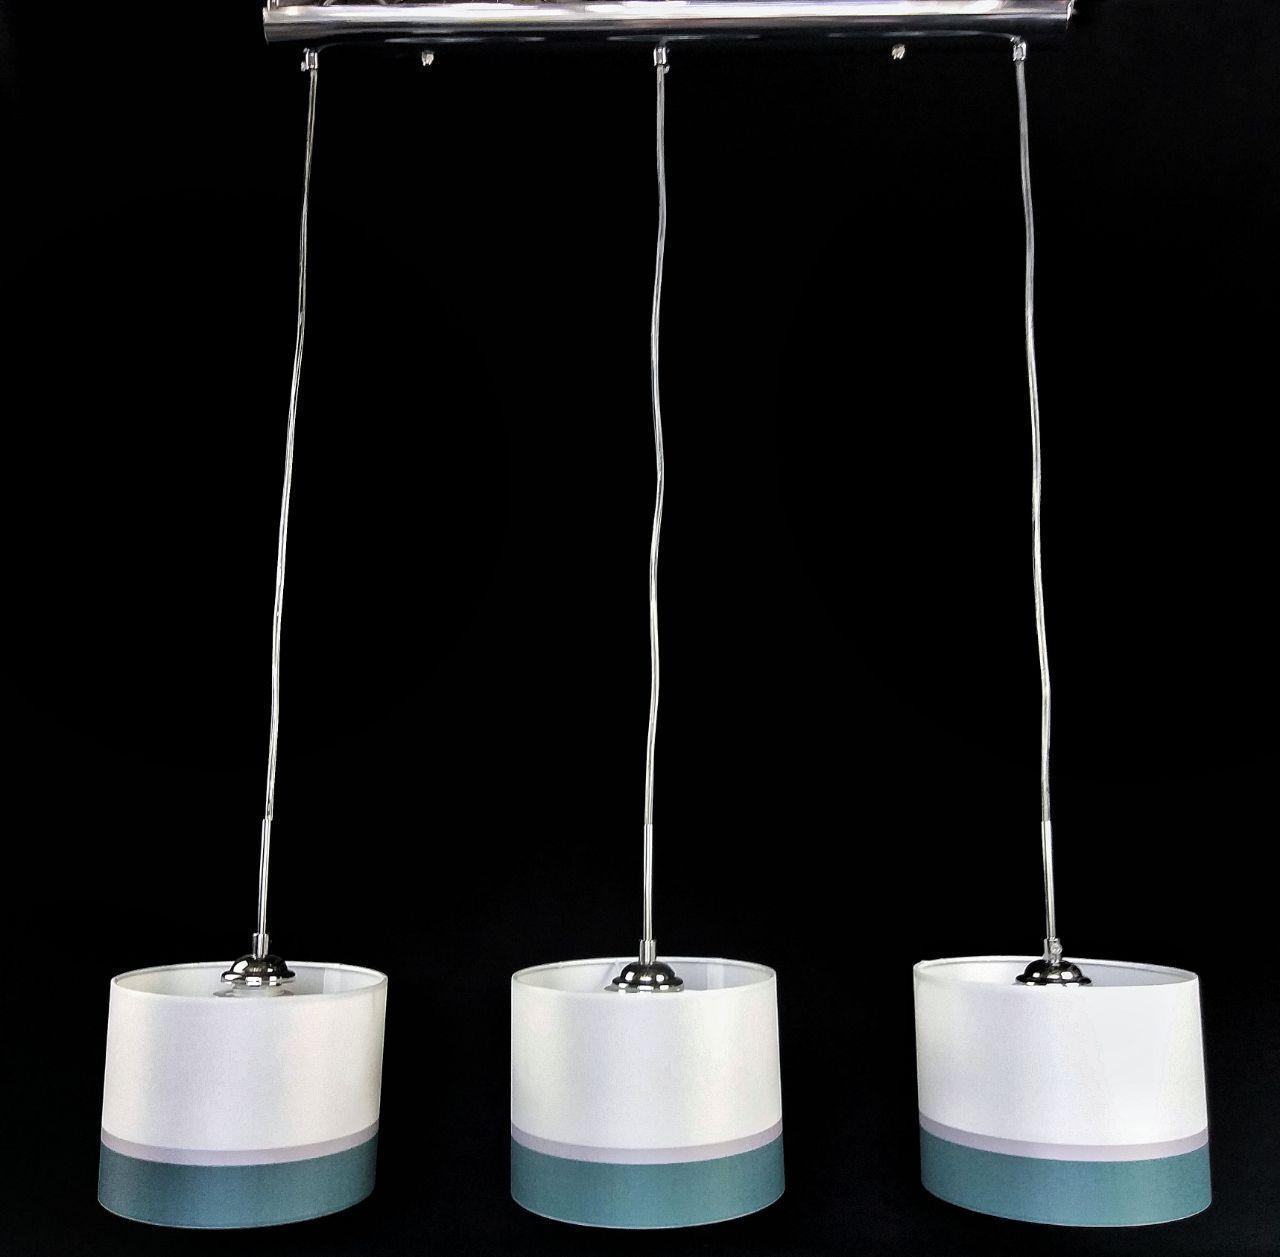 Люстра подвесная на 3 плафона в стиле австрийской коллекции EGLO 29-H327/3 CR+WT